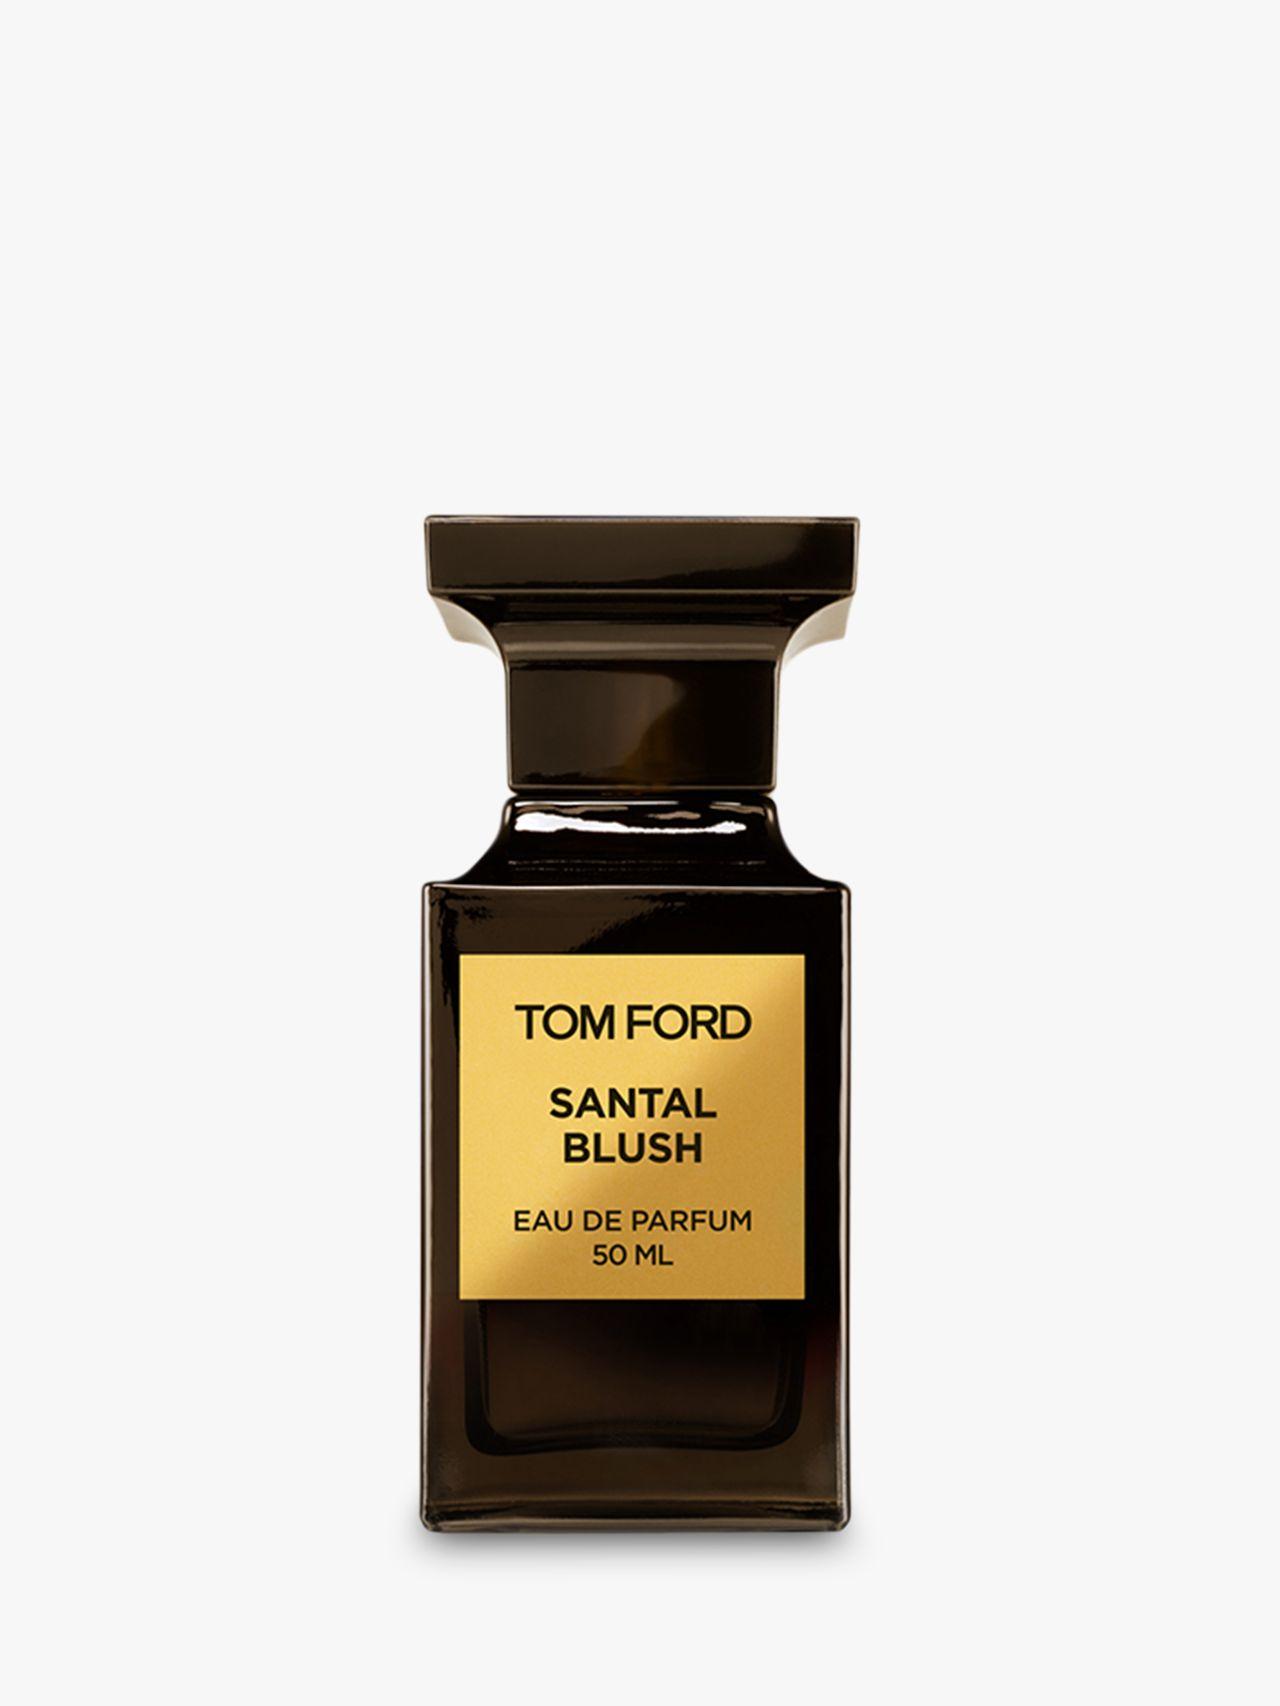 Blend Blush Tom Eau De Parfum50ml Private Ford Santal tdQshr